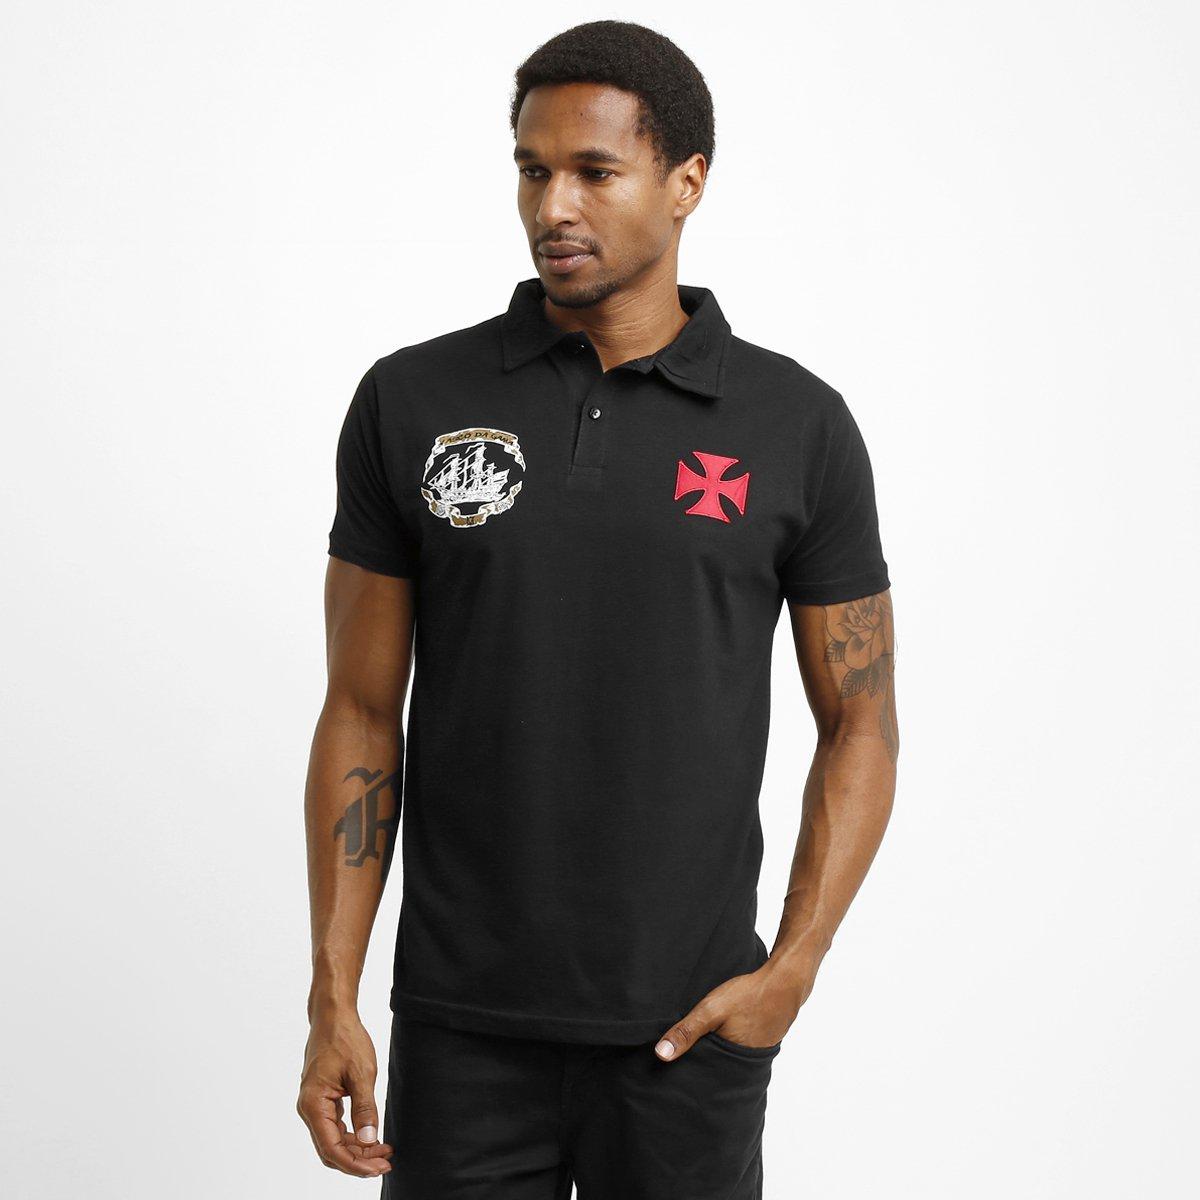 0213f079e03d3 Camisa Polo Vasco Cruz de Malta - Compre Agora